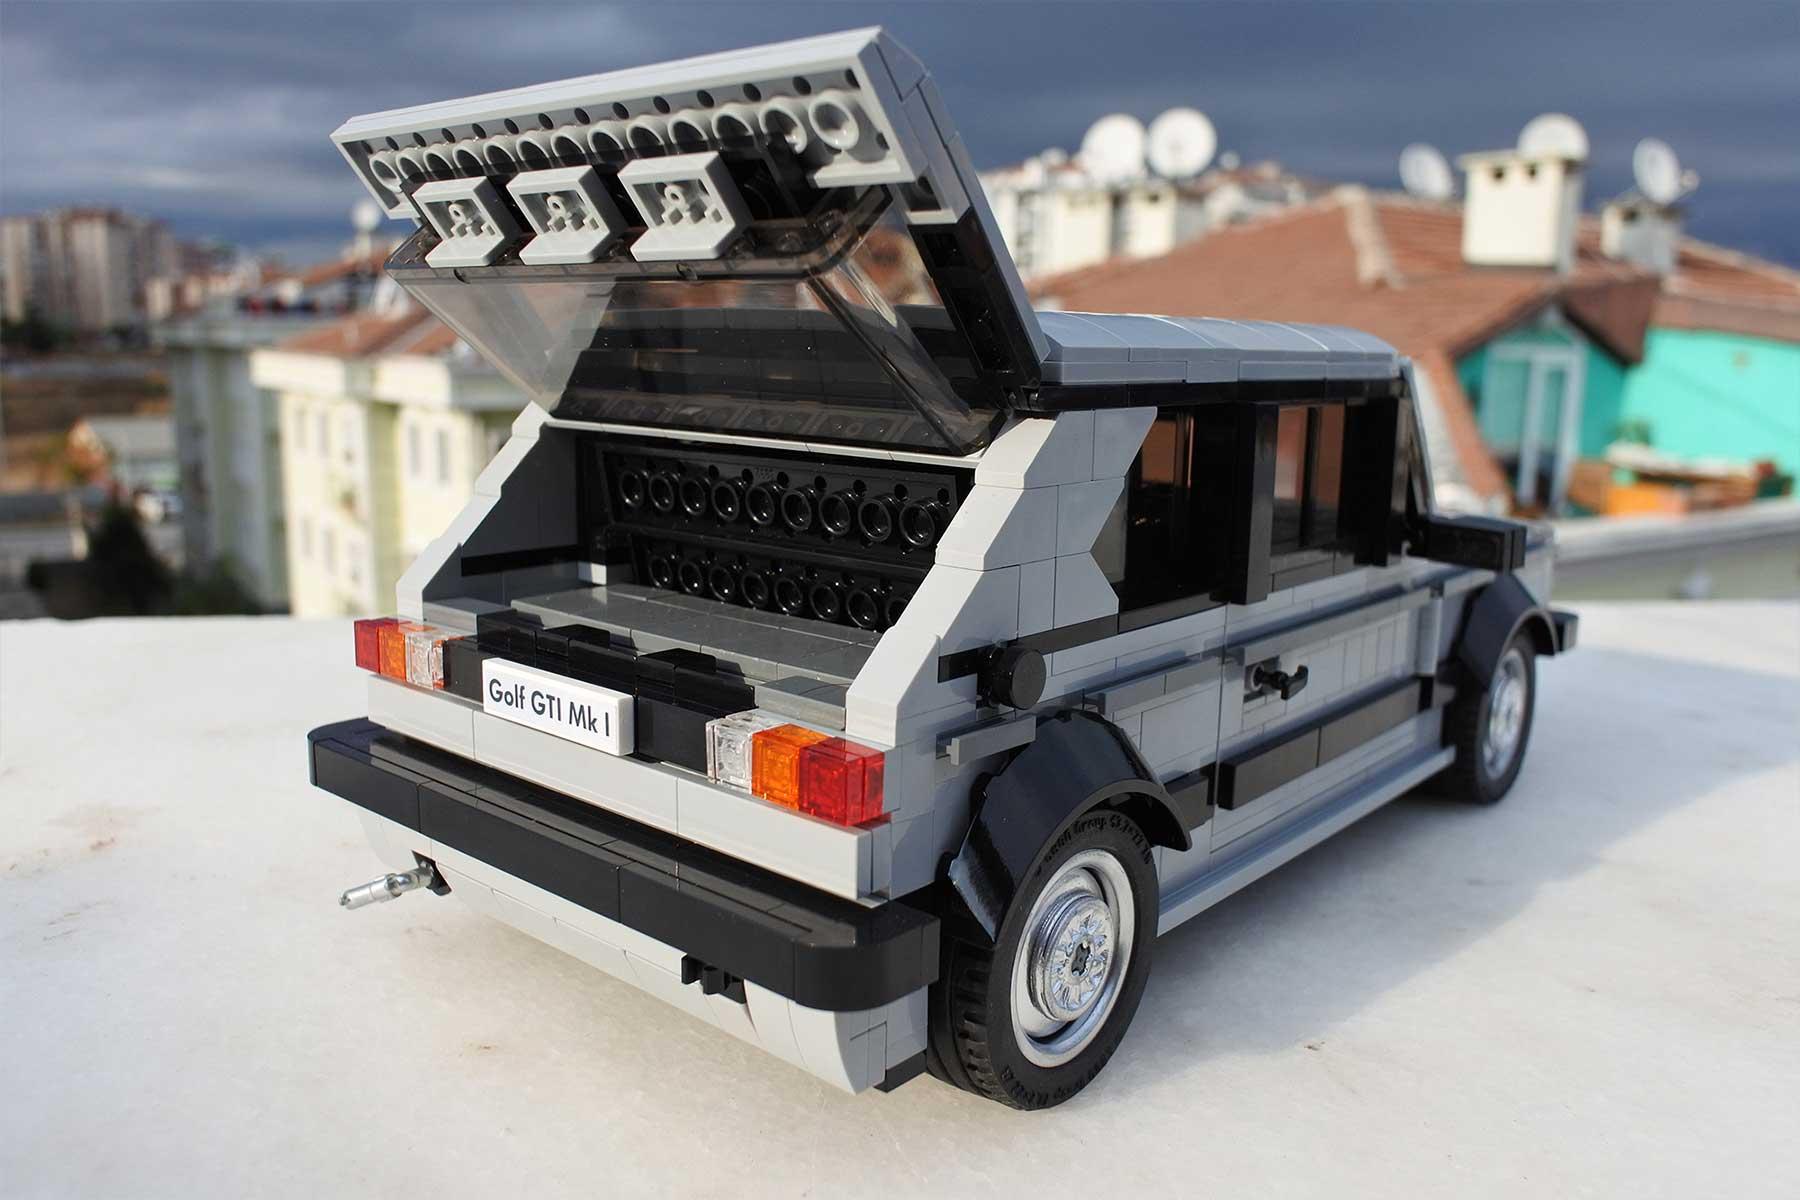 LEGO Golf GTI MK1 LEGO-Golf-GTI-MK1_05